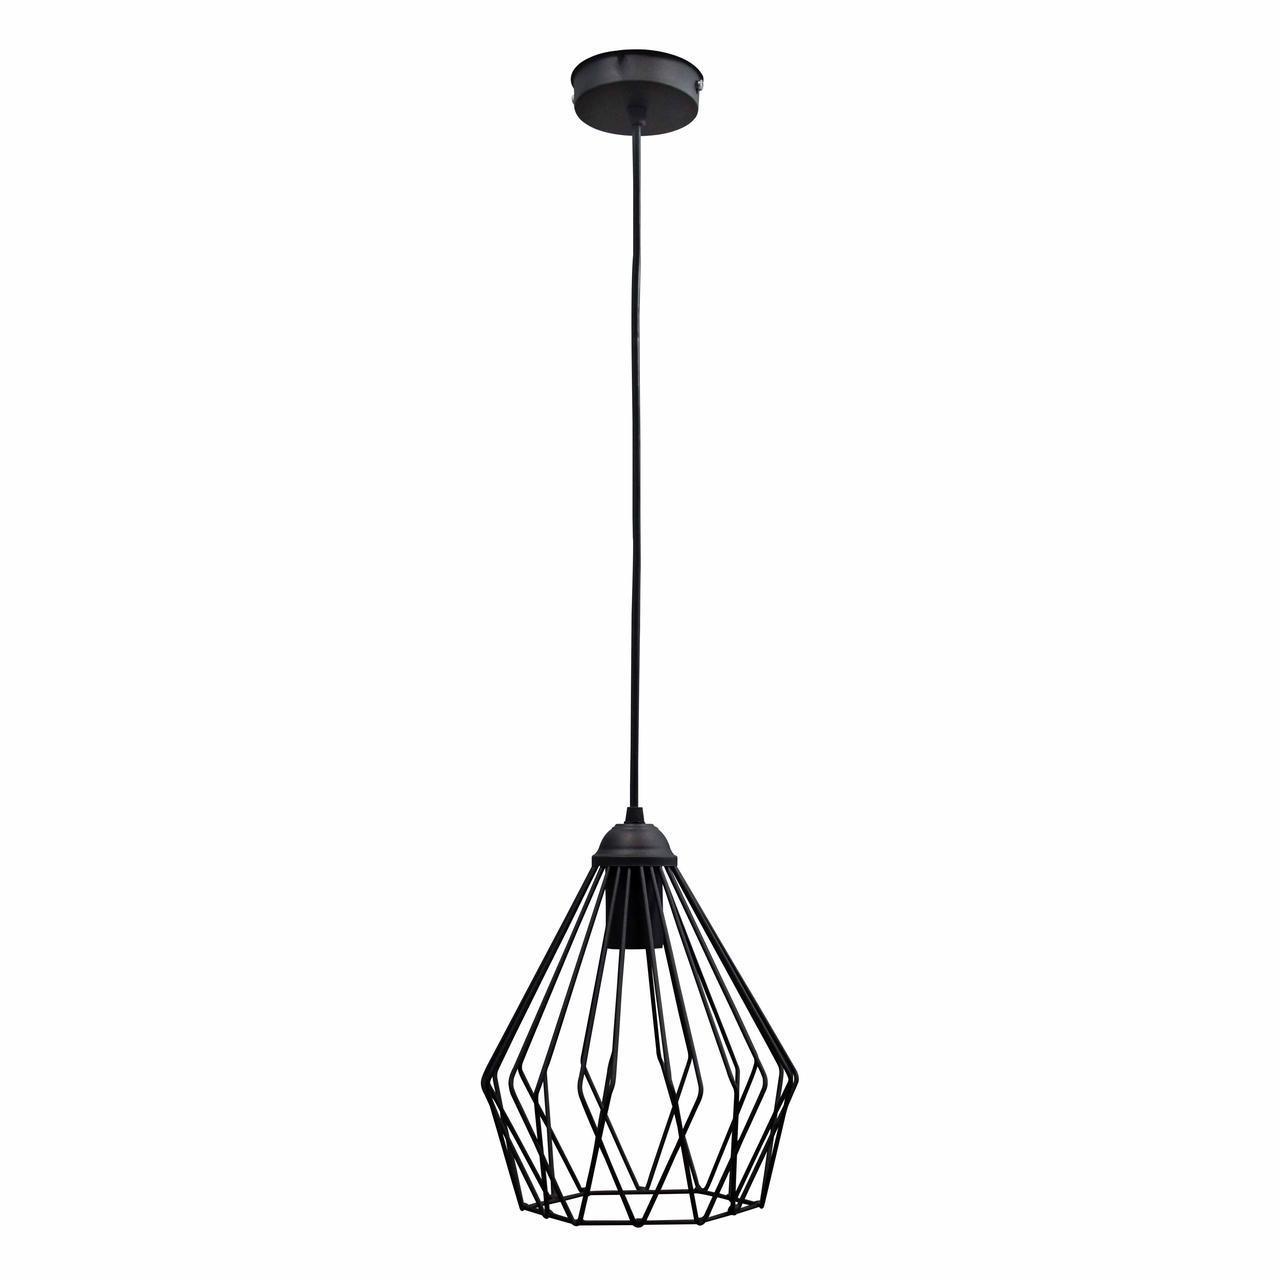 Светильник подвесной в стиле лофт NL 05371 MSK Electric